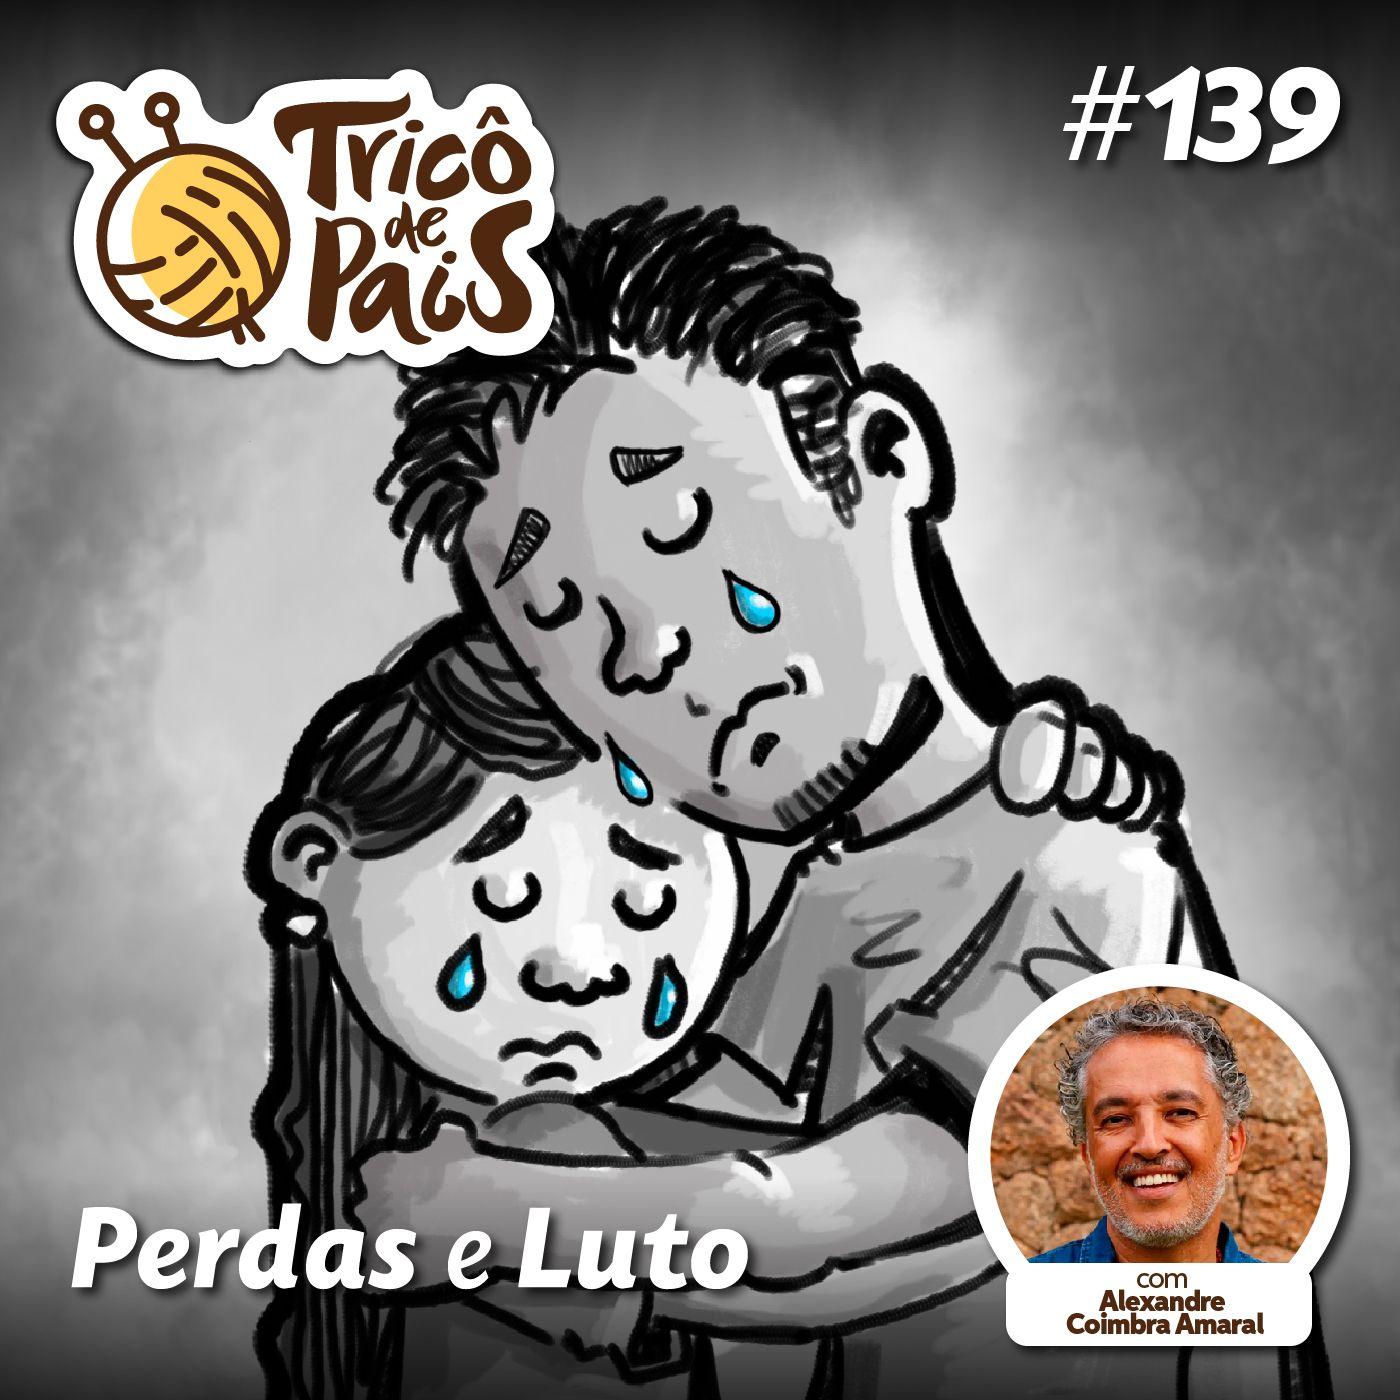 #139 - Perdas e Luto - Alexandre Coimbra Amaral